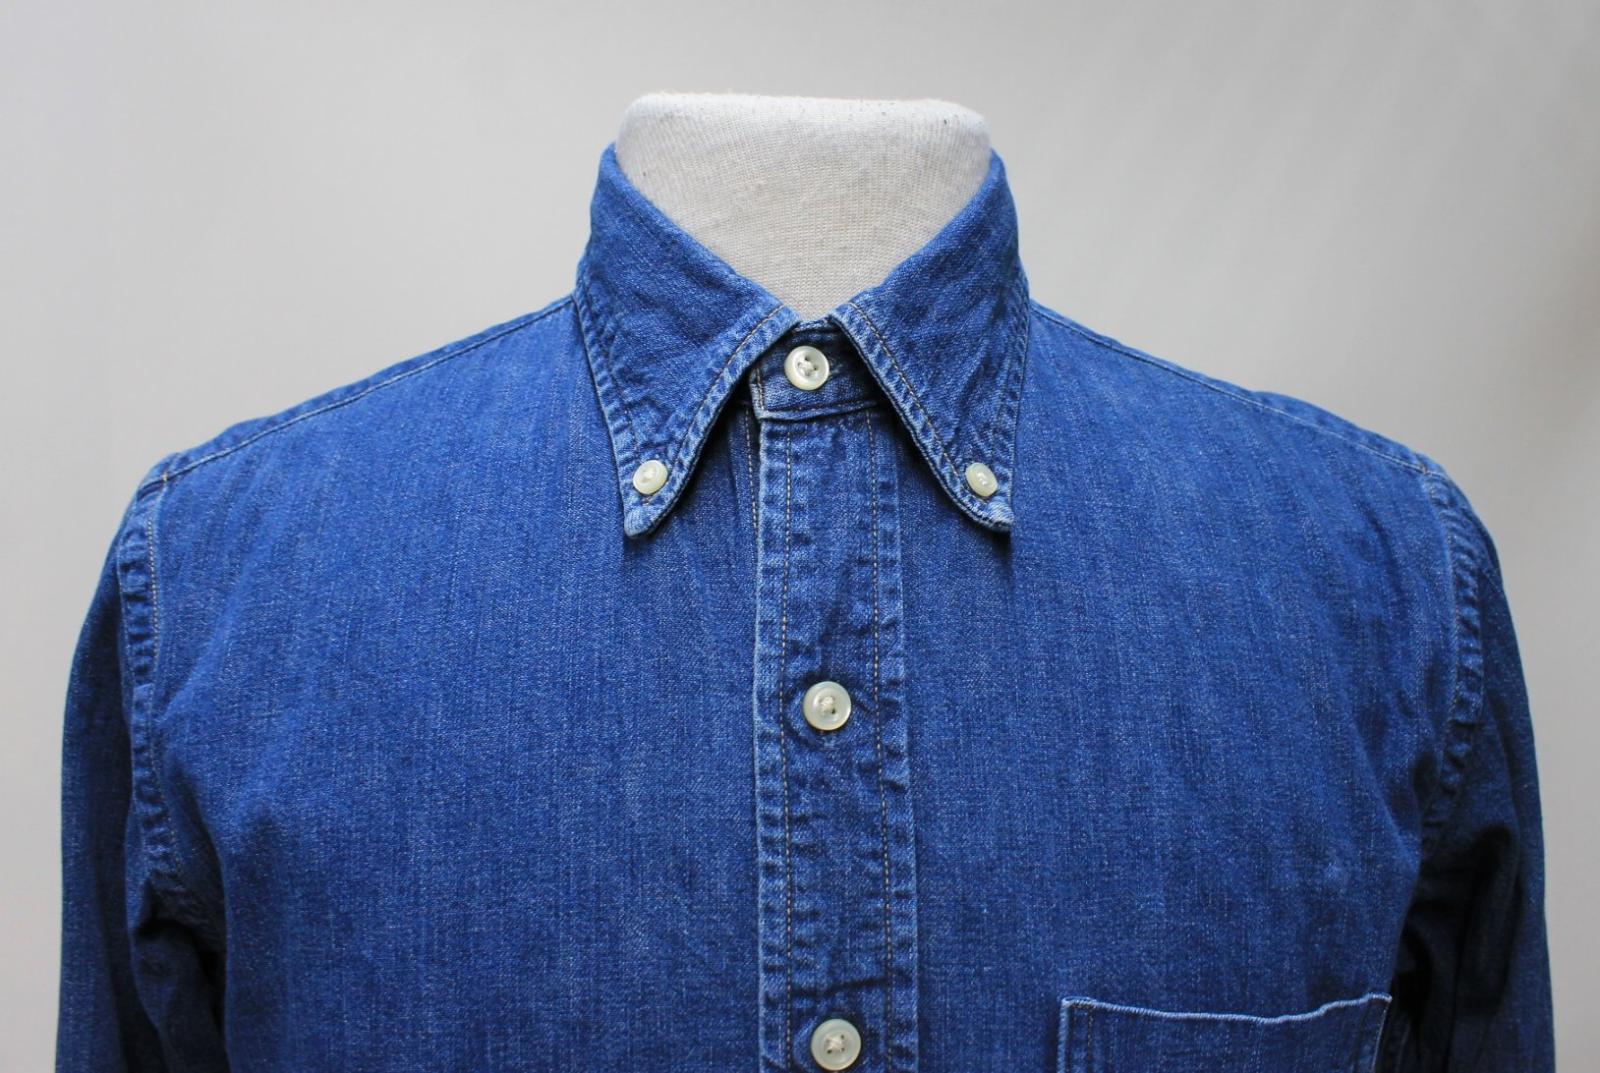 Orslow-Hombres-Azul-Algodon-Denim-Con-Cuello-Botones-camisa-de-mangas-largas-Talla-XL miniatura 4